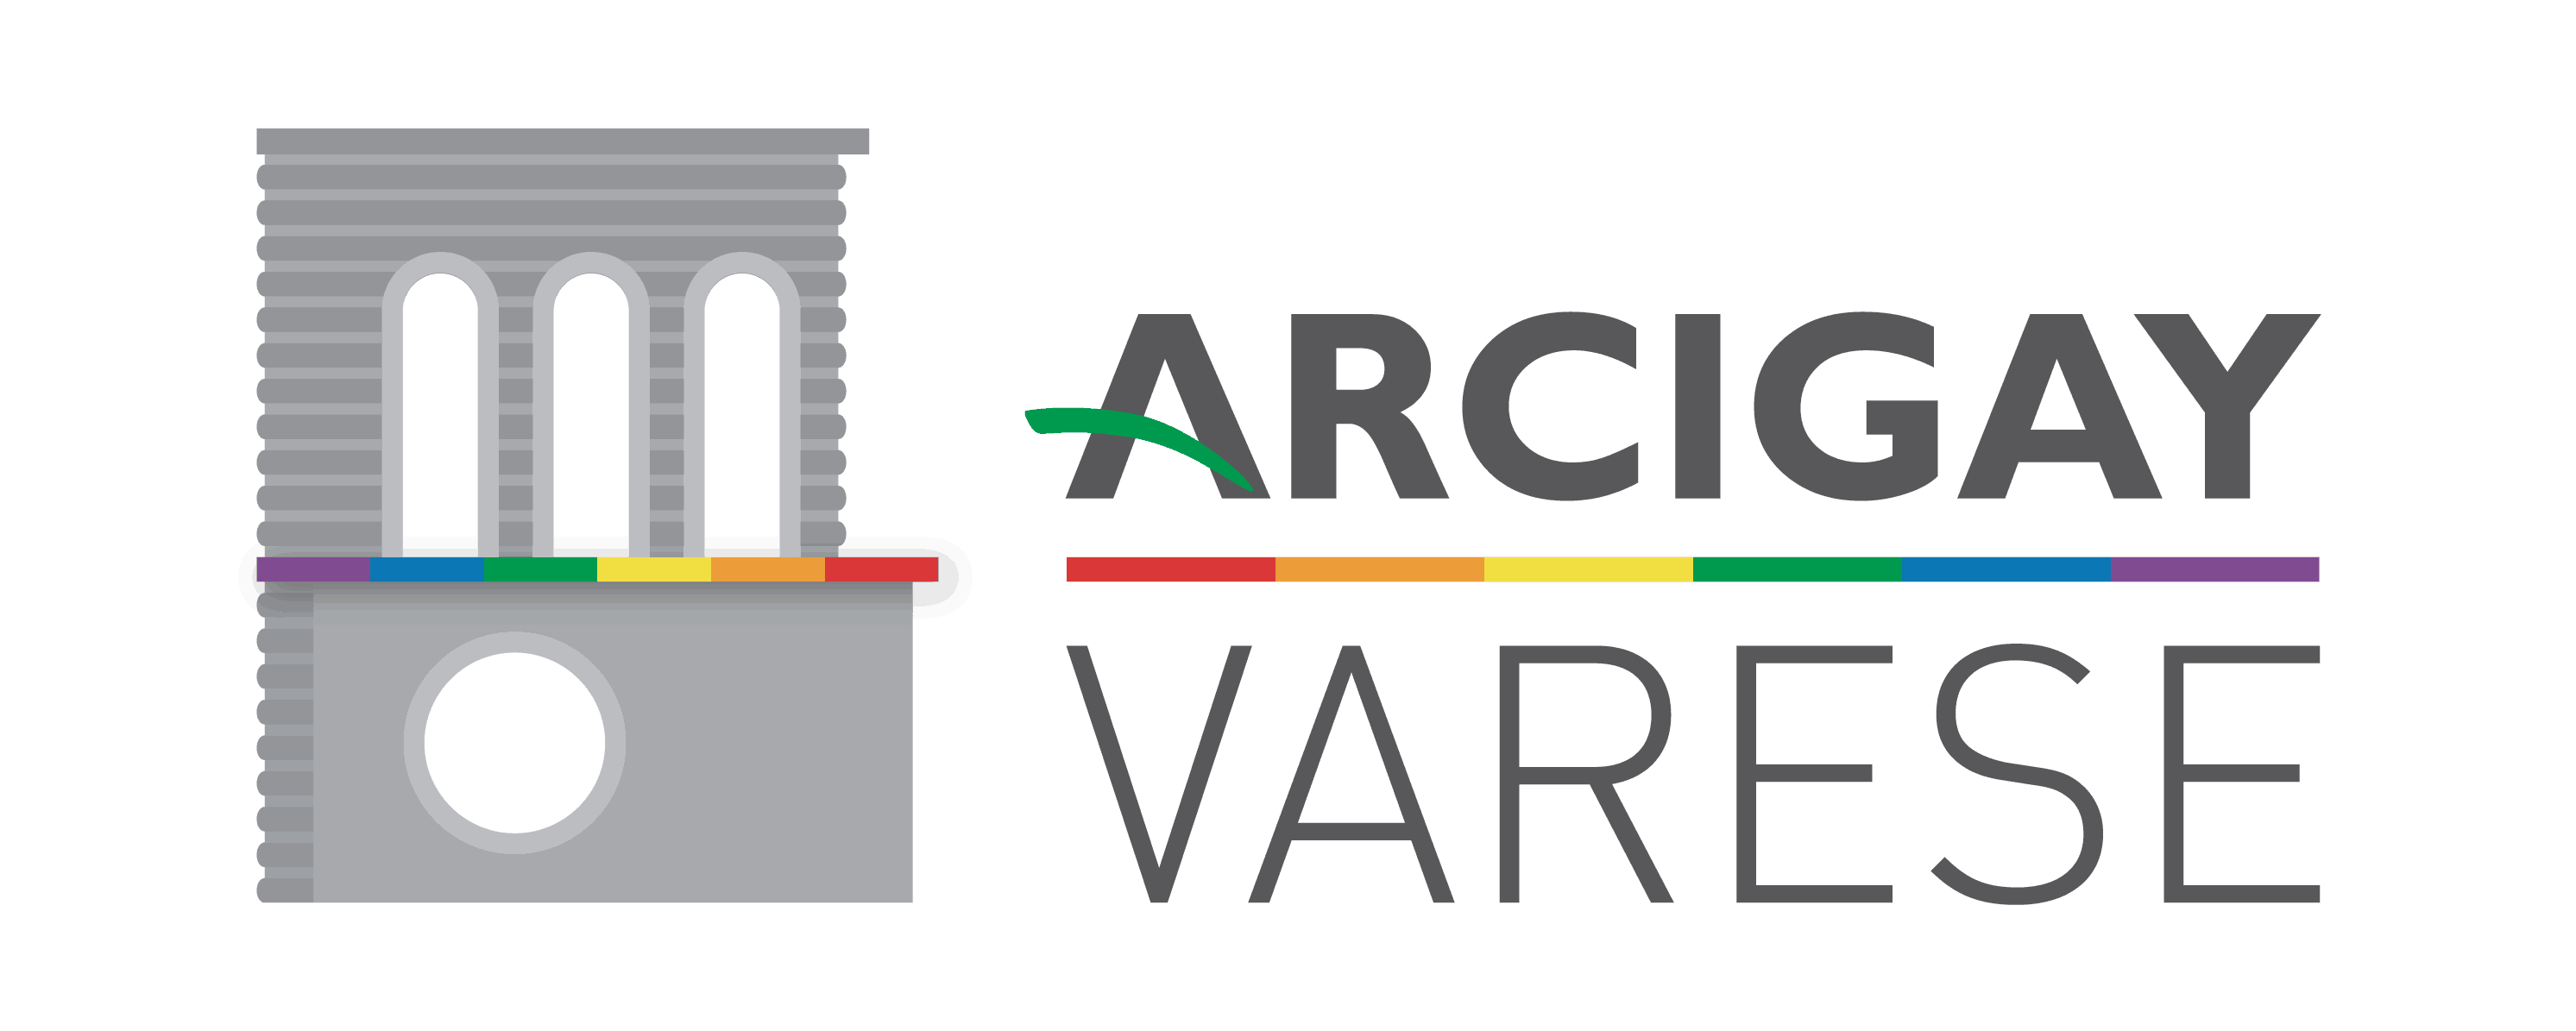 02_logo-positivo-orizzontale-colori